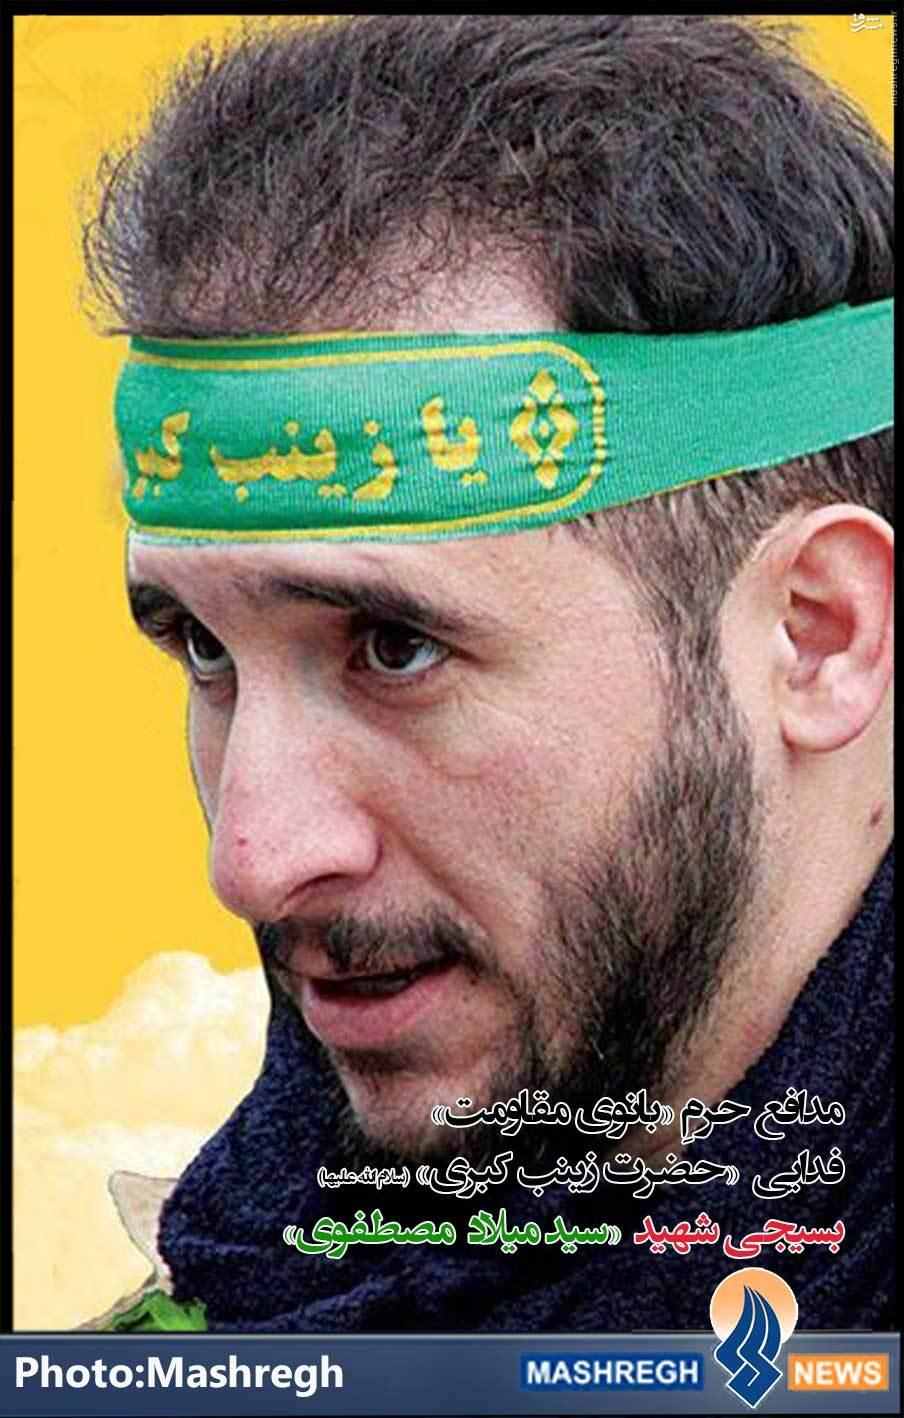 عاشوراییترین «محرم» این سالها +تصاویر شهدای مدافع حرم